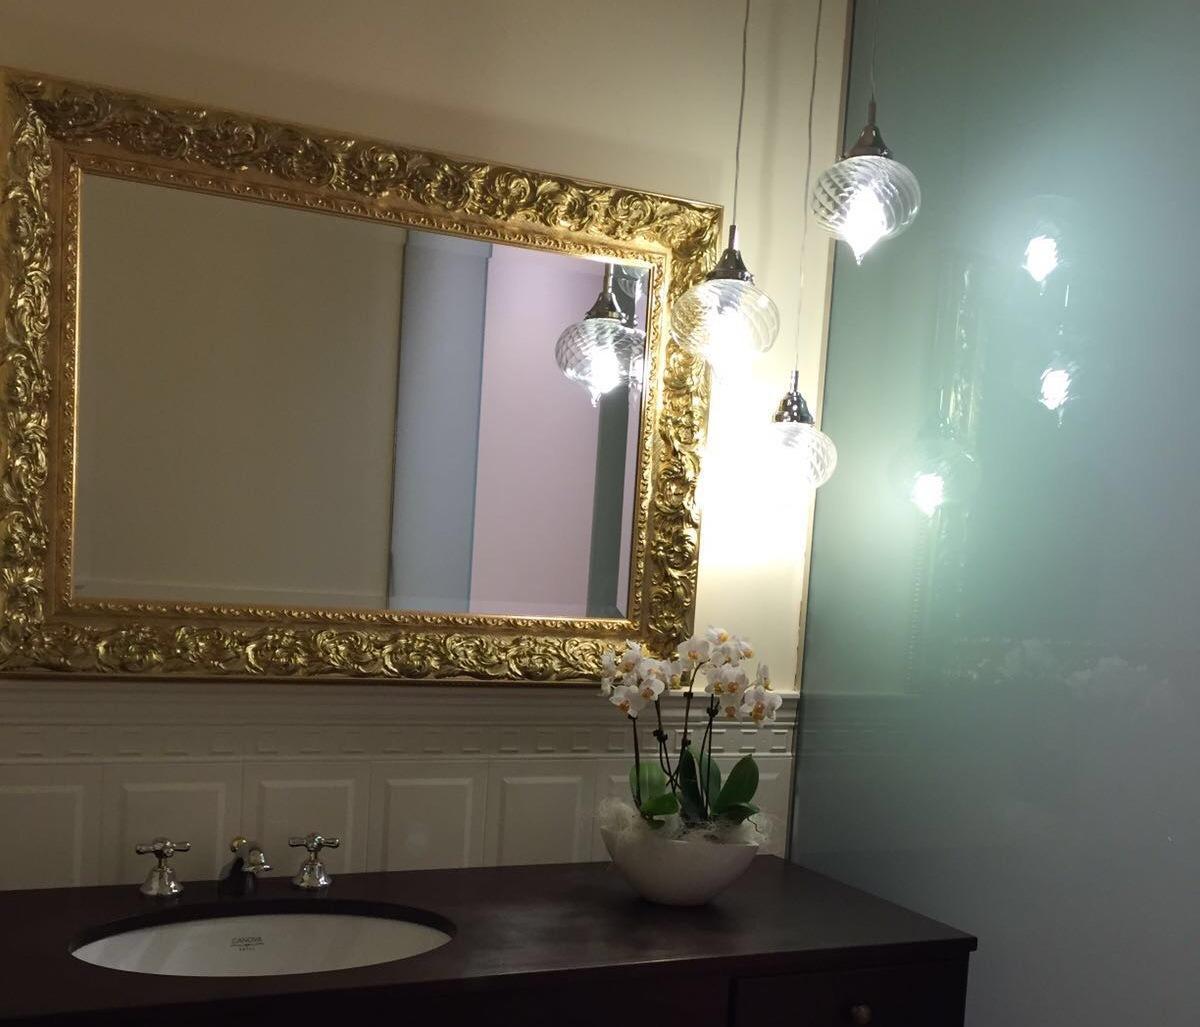 Come si progetta la luce nel bagno fratelli pellizzari - Spiata nel bagno ...